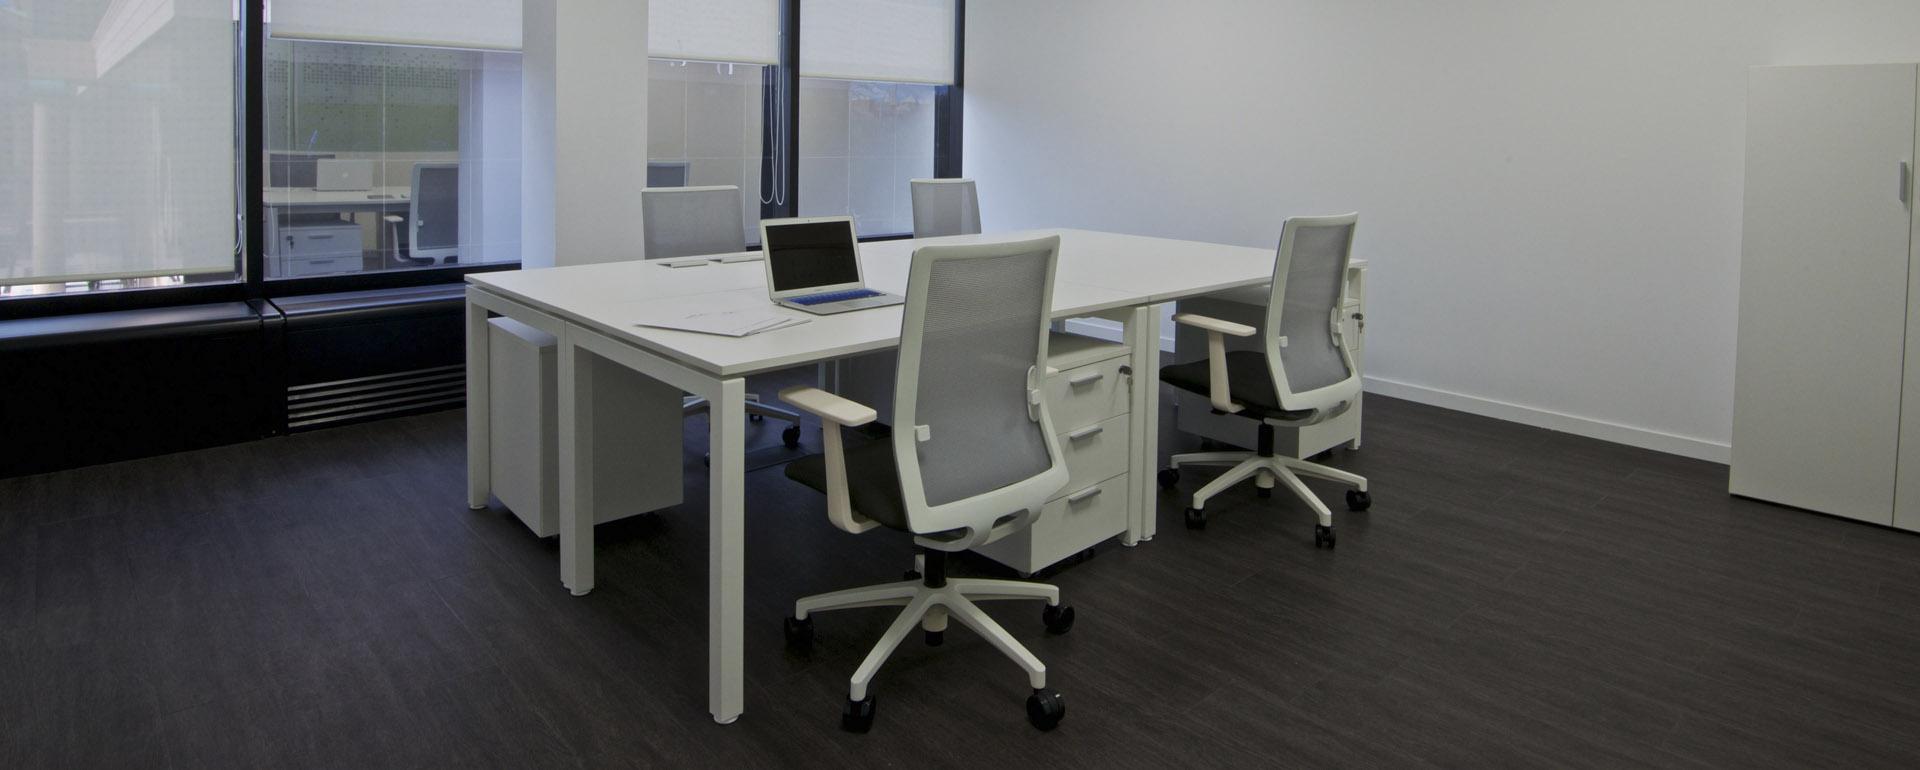 Initia alquiler de despachos equipados en pozuelo for Horas convenio oficinas y despachos